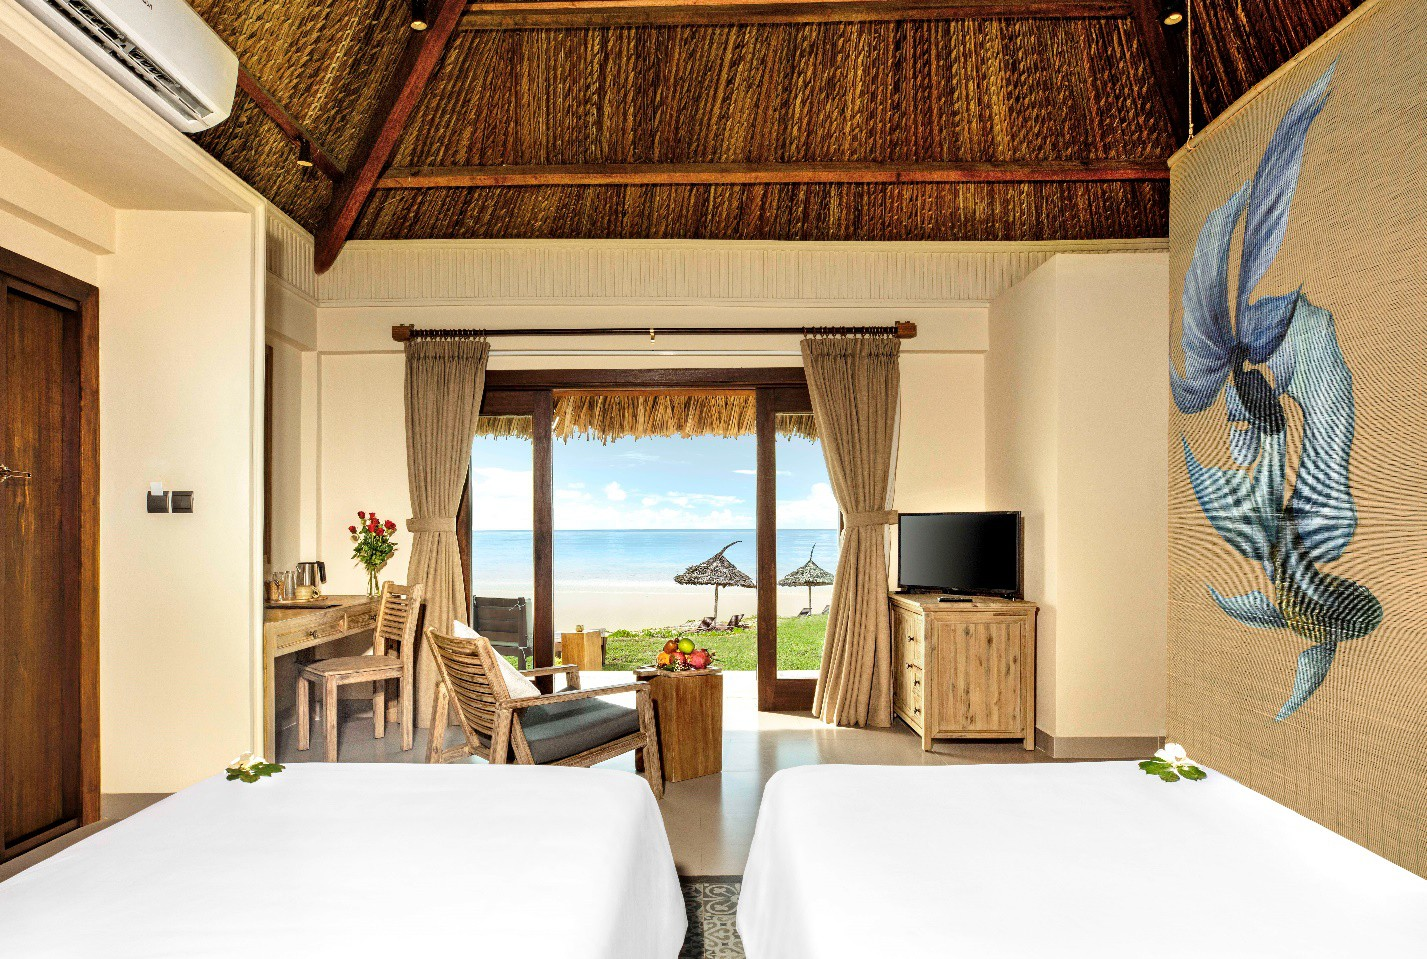 Lộ điểm check in sống ảo mới tại Quy Nhơn, nửa sang chảnh như Maldive, nửa xanh màu thiên đường nghỉ dưỡng Bali - Ảnh 5.